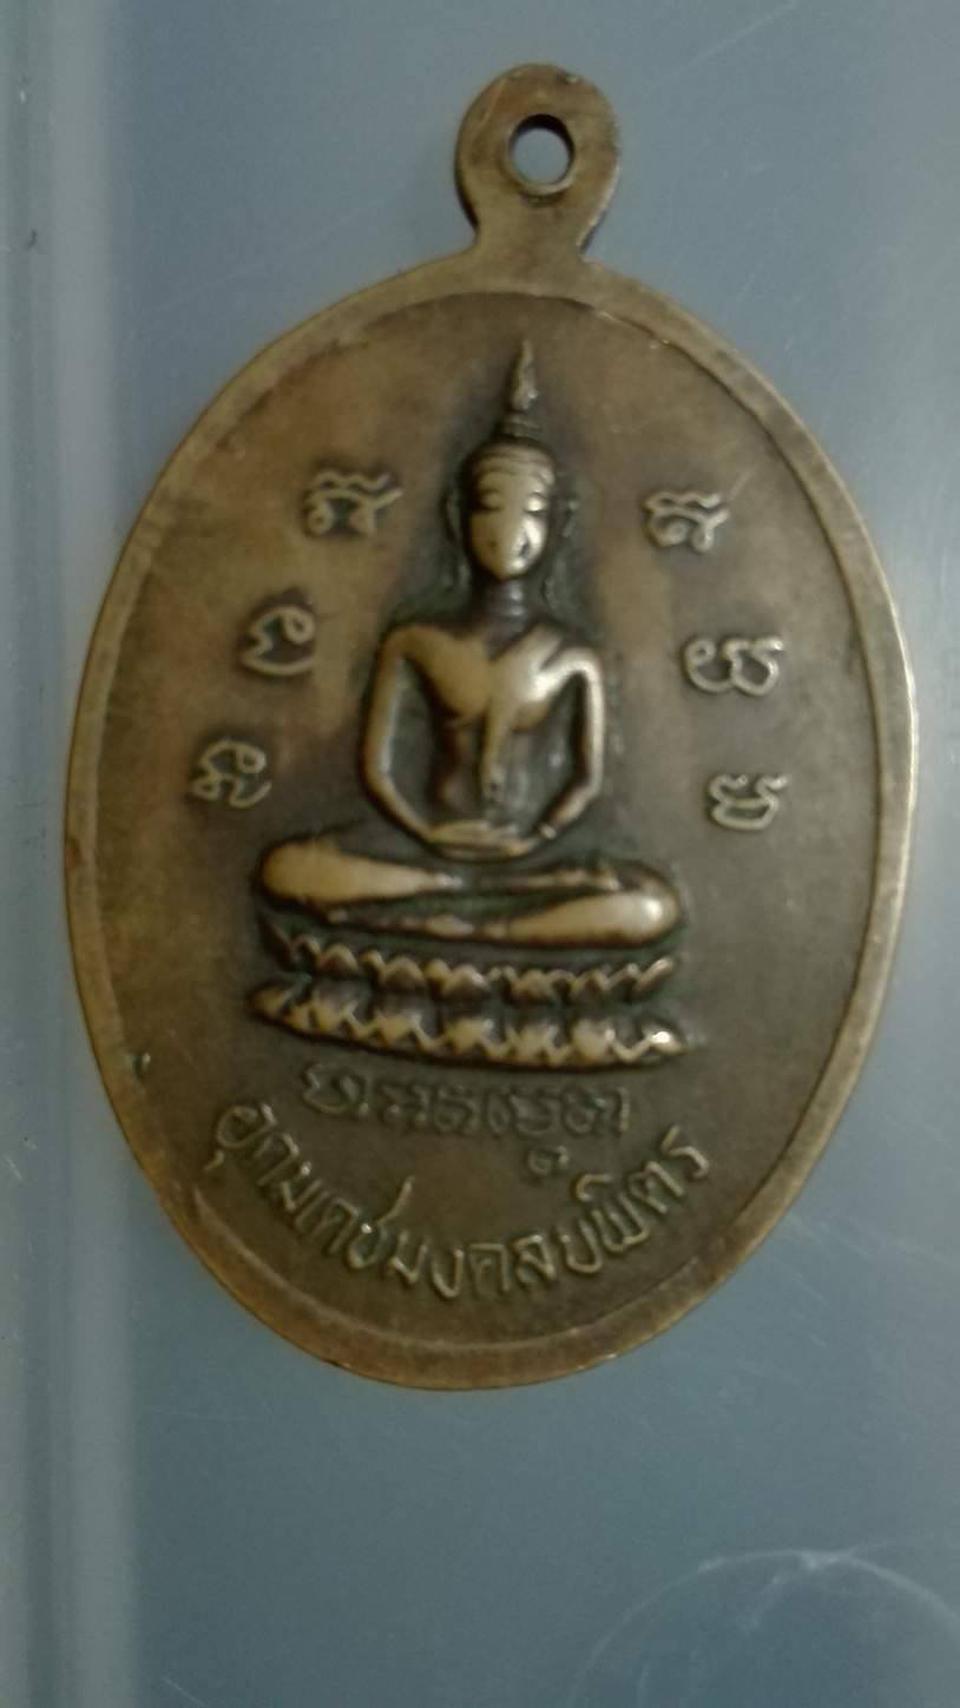 เหรียญพระครูพุทธิสารสุนทร(เคน) วัดเมืองเดช อ.เดชอุดม จ.อุบลราชธานี ปี 2539 อายุ67ปี รูปที่ 4